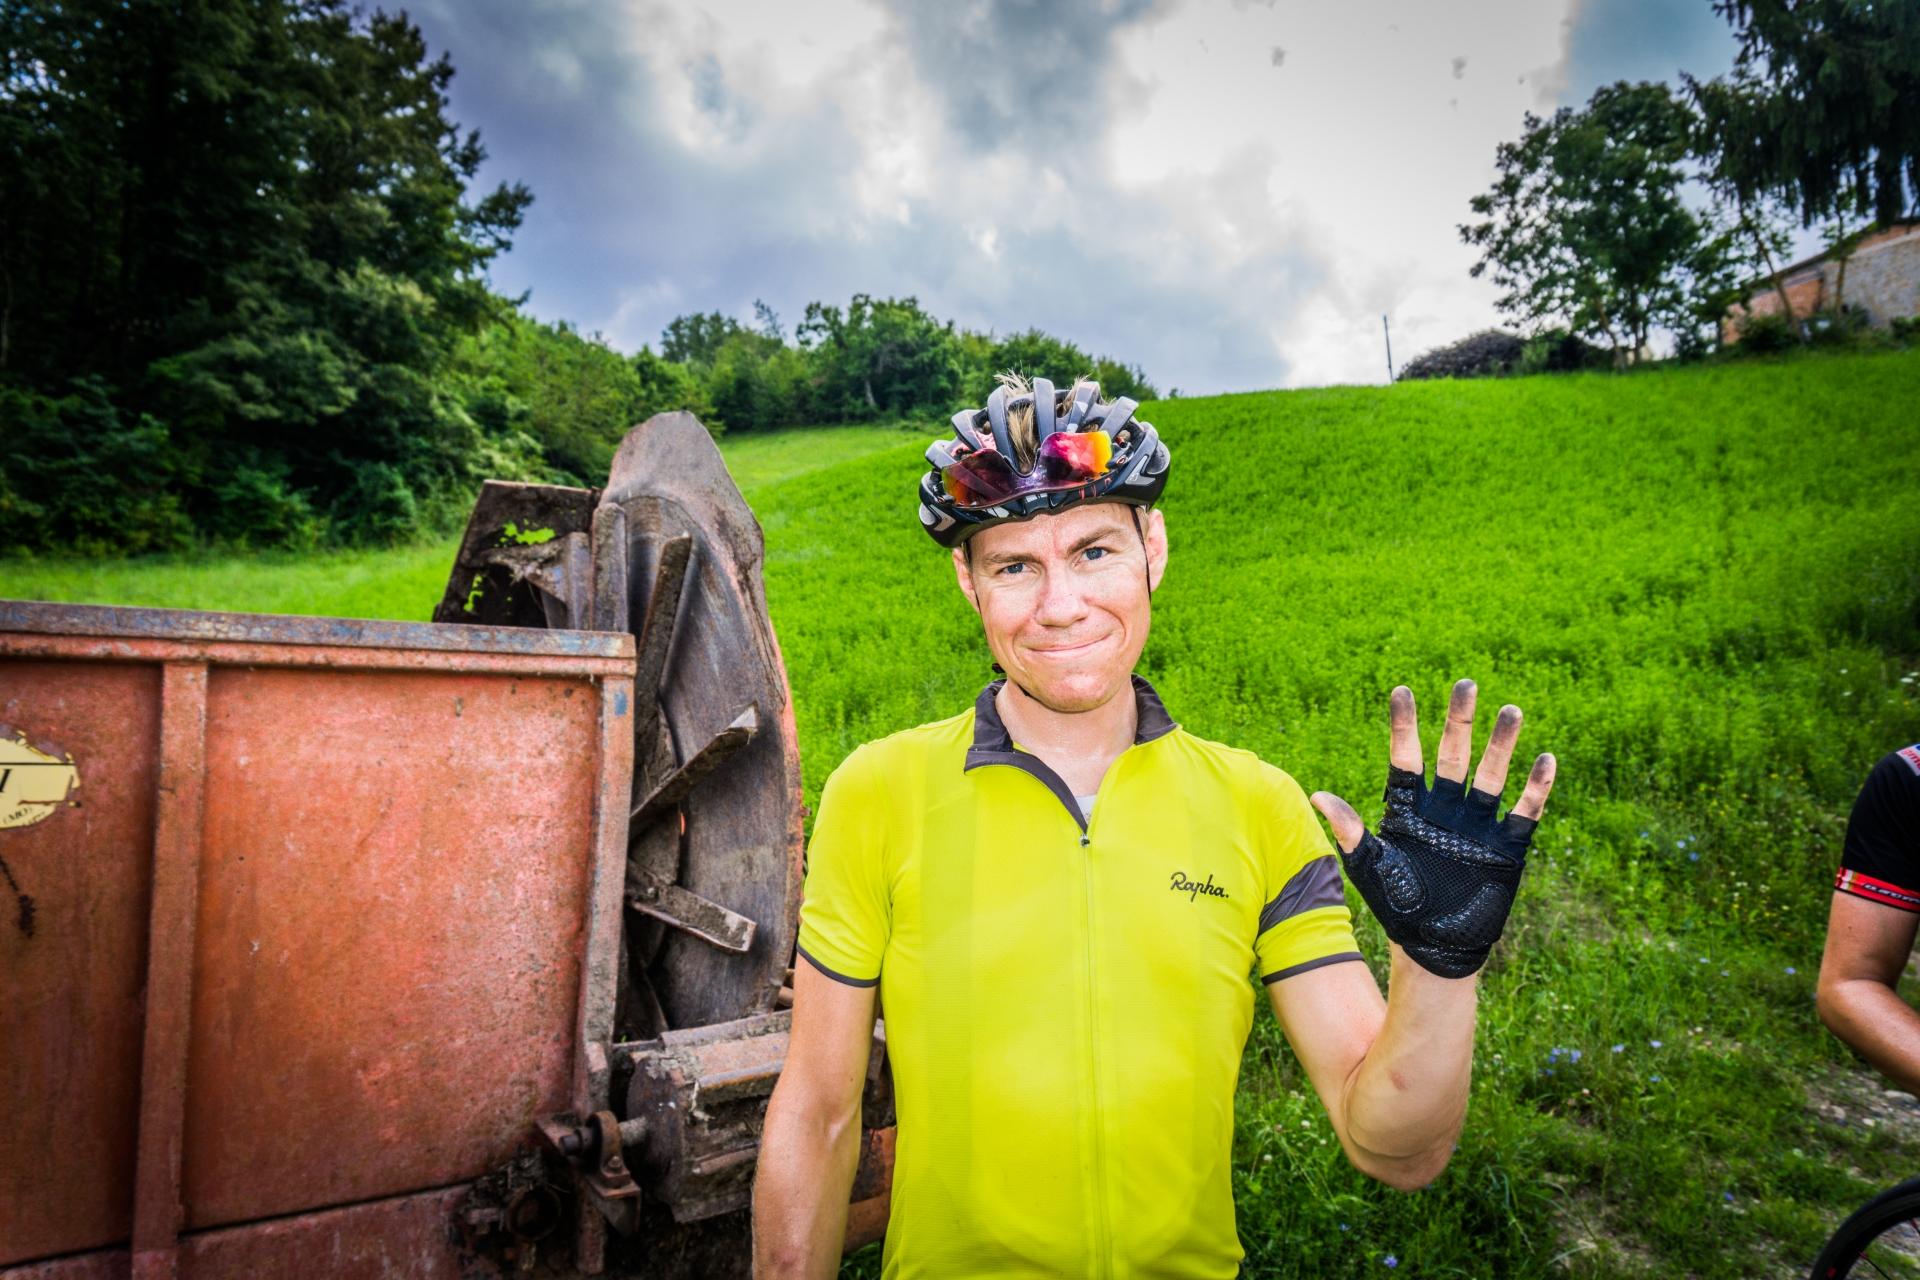 Henrik var ikke den personen som brydde seg mest om renhold og vedlikehold av sykkelen.